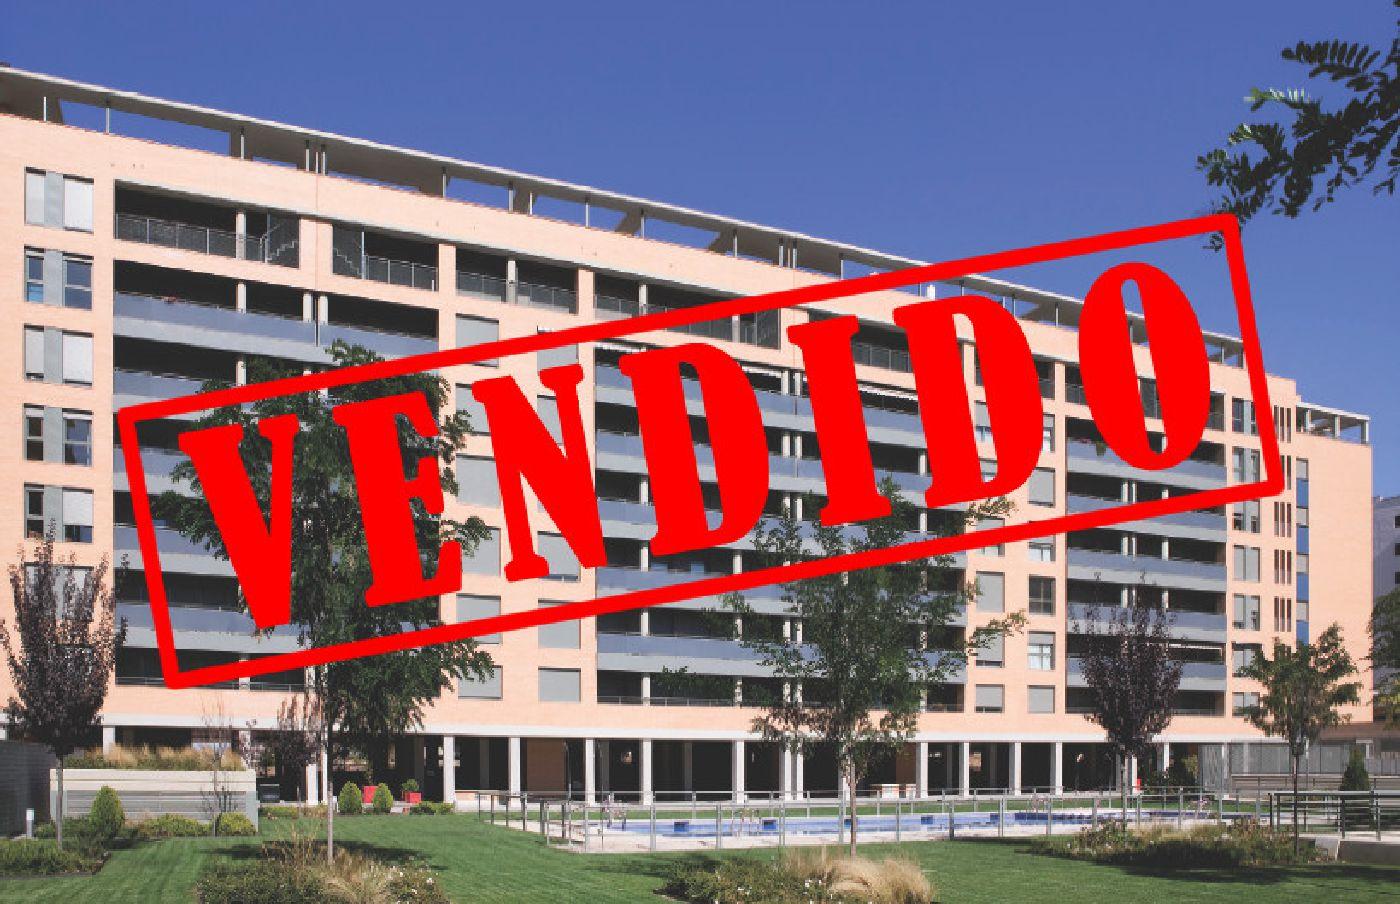 Edificio Los Tilos - Lostilos03 1400x904 83